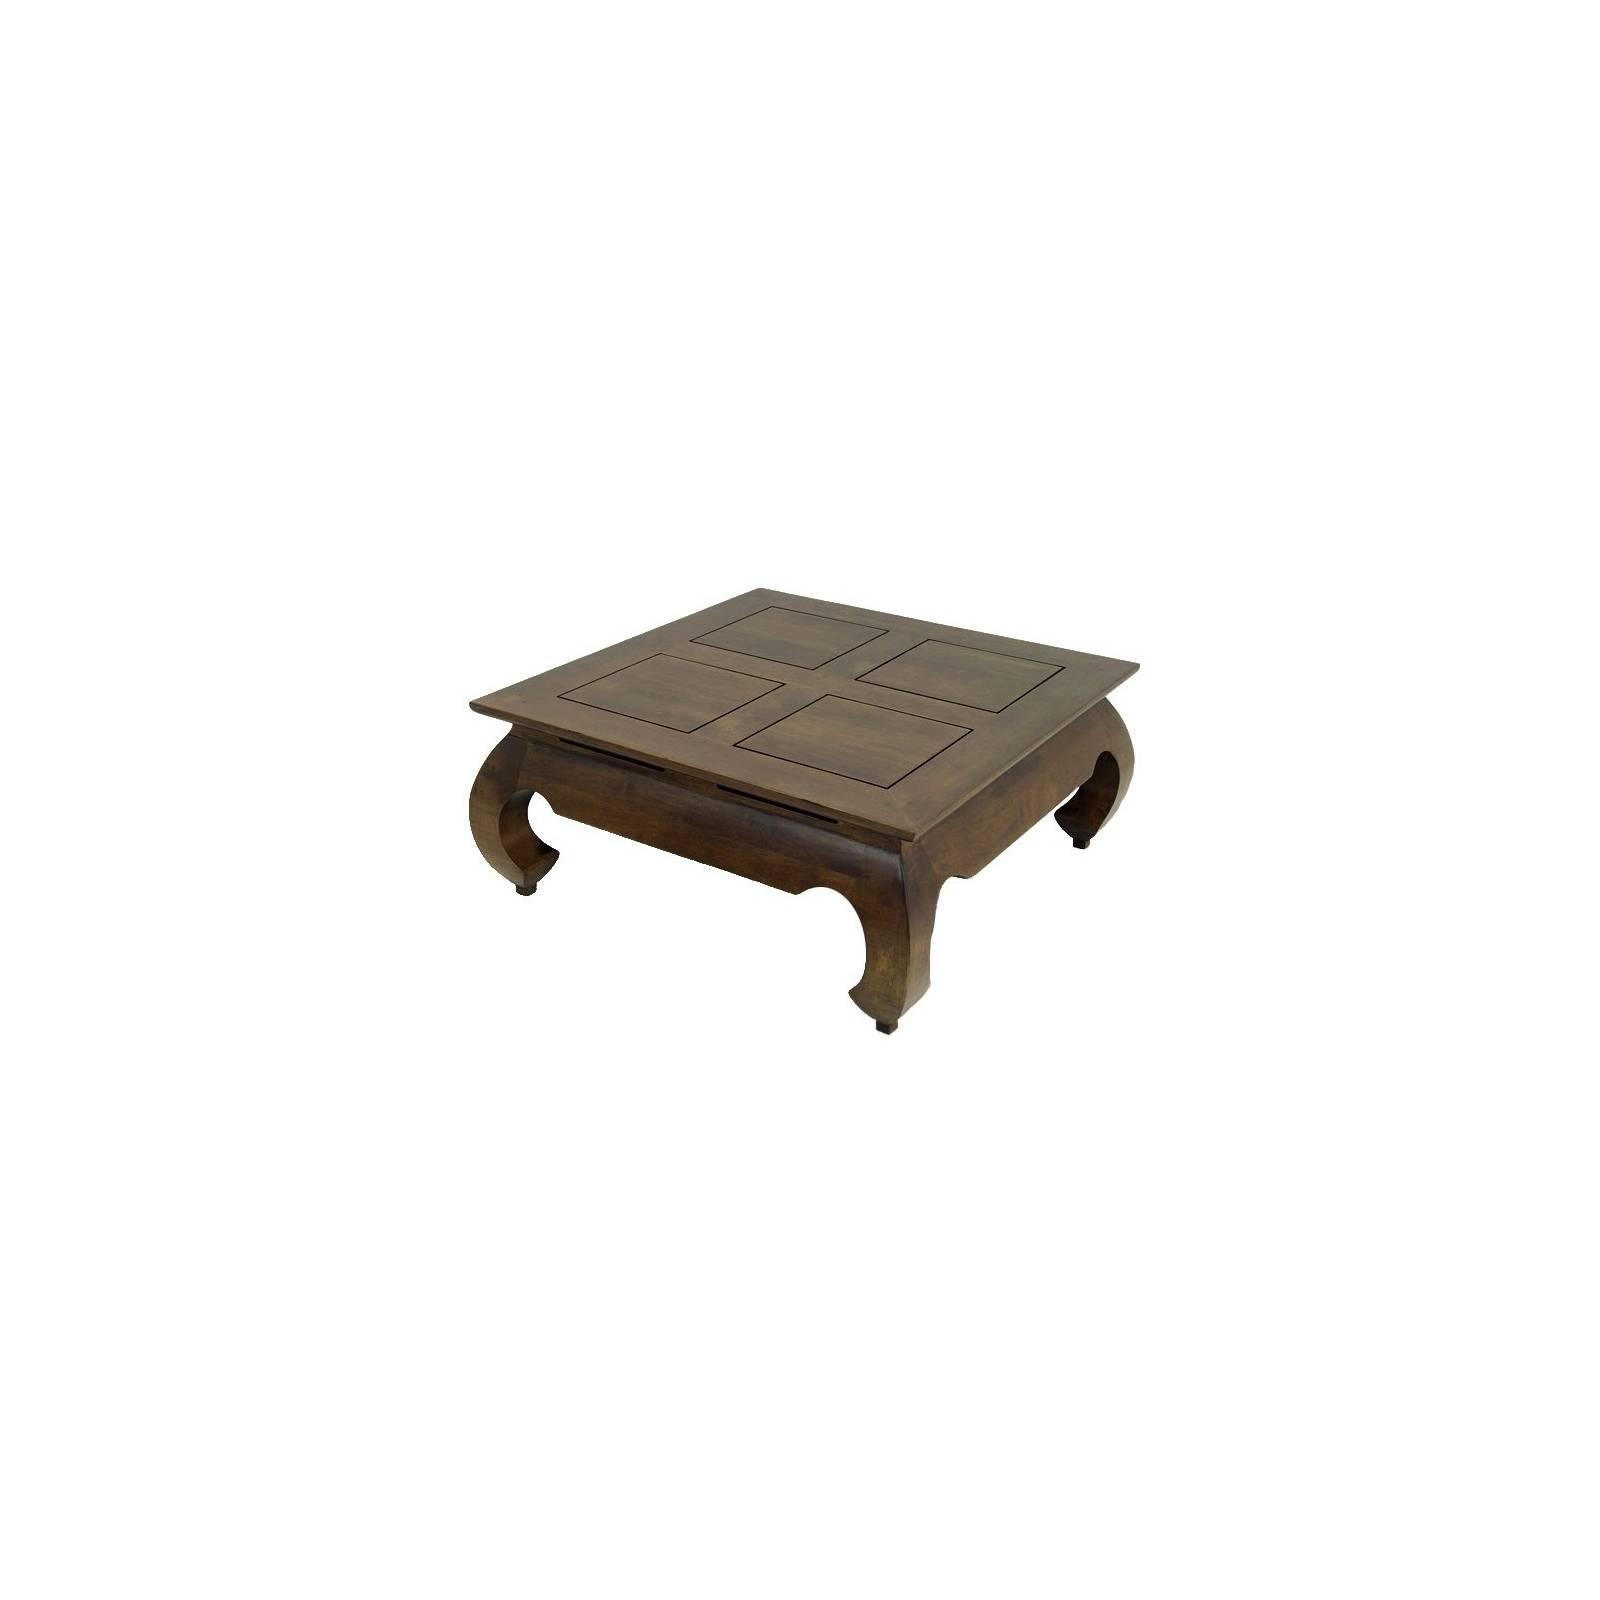 Table Basse Carrée PM Opium Chine Hévéa Massif - meuble bois exotique